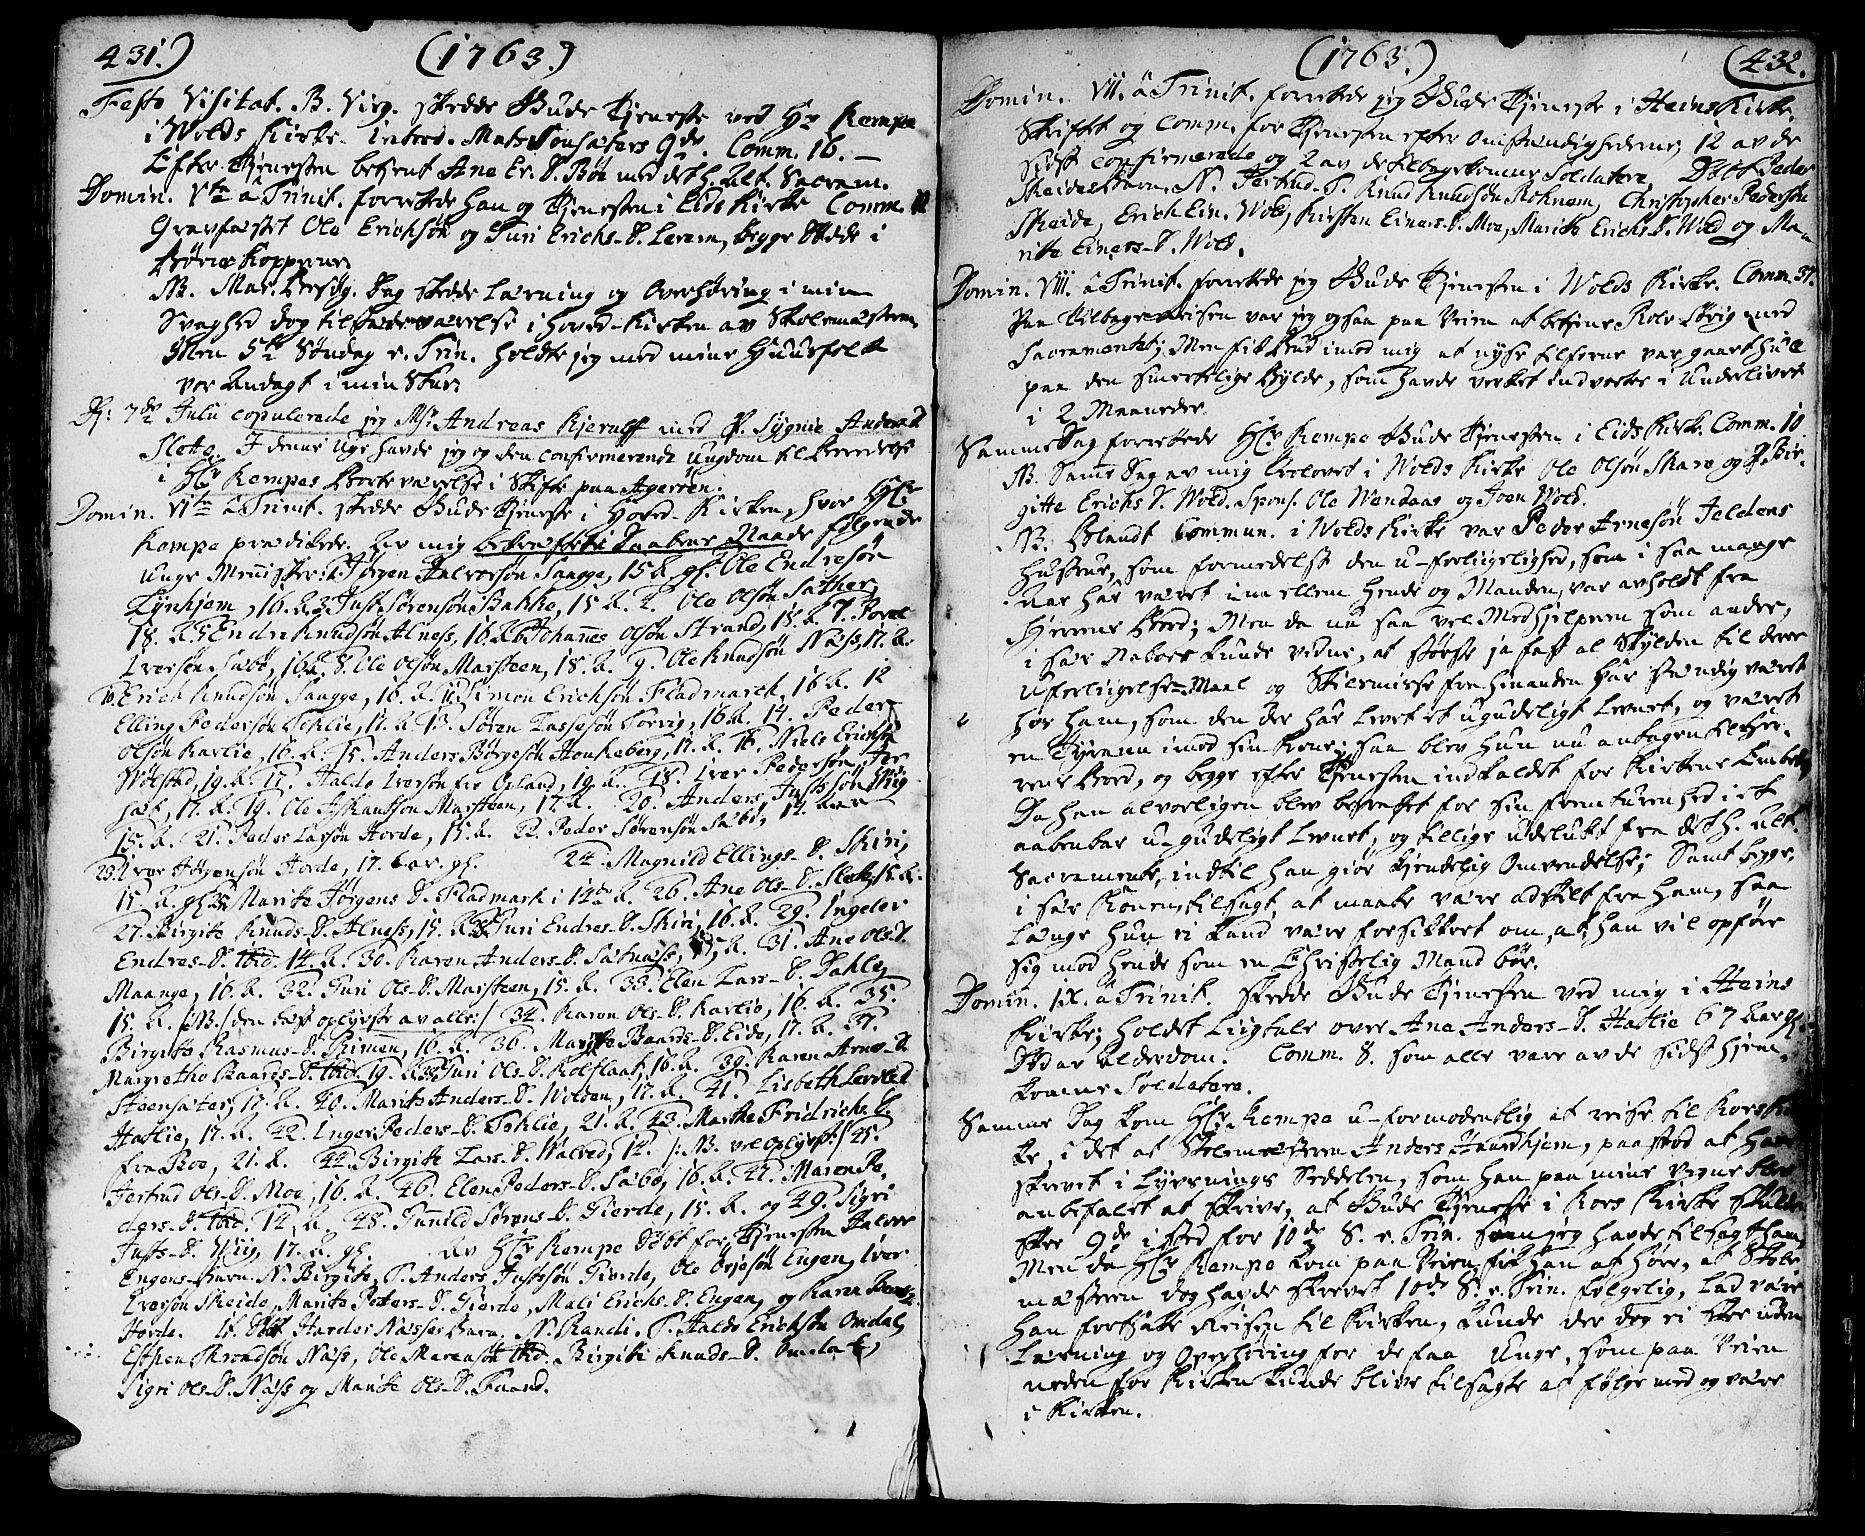 SAT, Ministerialprotokoller, klokkerbøker og fødselsregistre - Møre og Romsdal, 544/L0568: Ministerialbok nr. 544A01, 1725-1763, s. 431-432